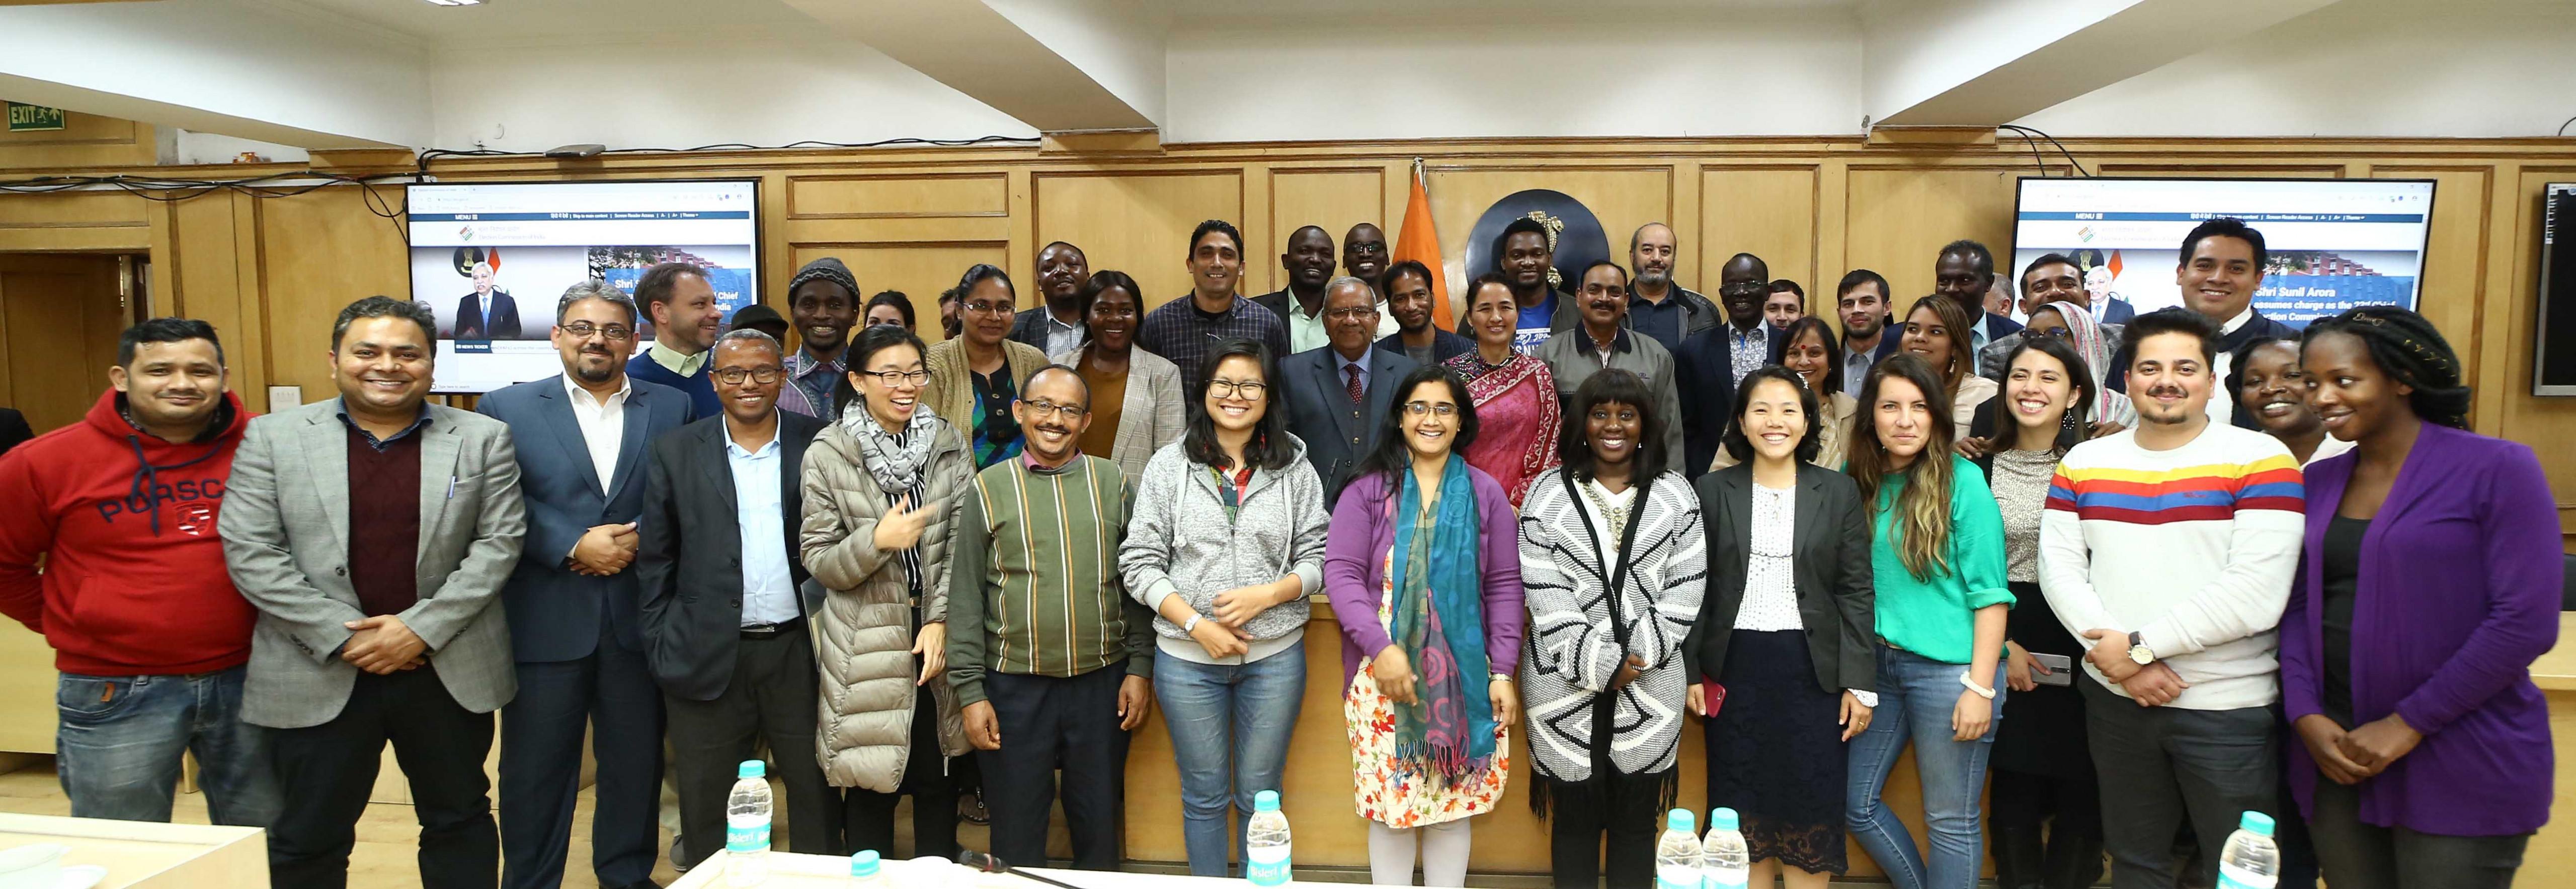 8 फरवरी, 2019 को विभिन्न देशों के 36 विदेशी प्रतिभागियों का भारत निर्वाचन आयोग का दौरा